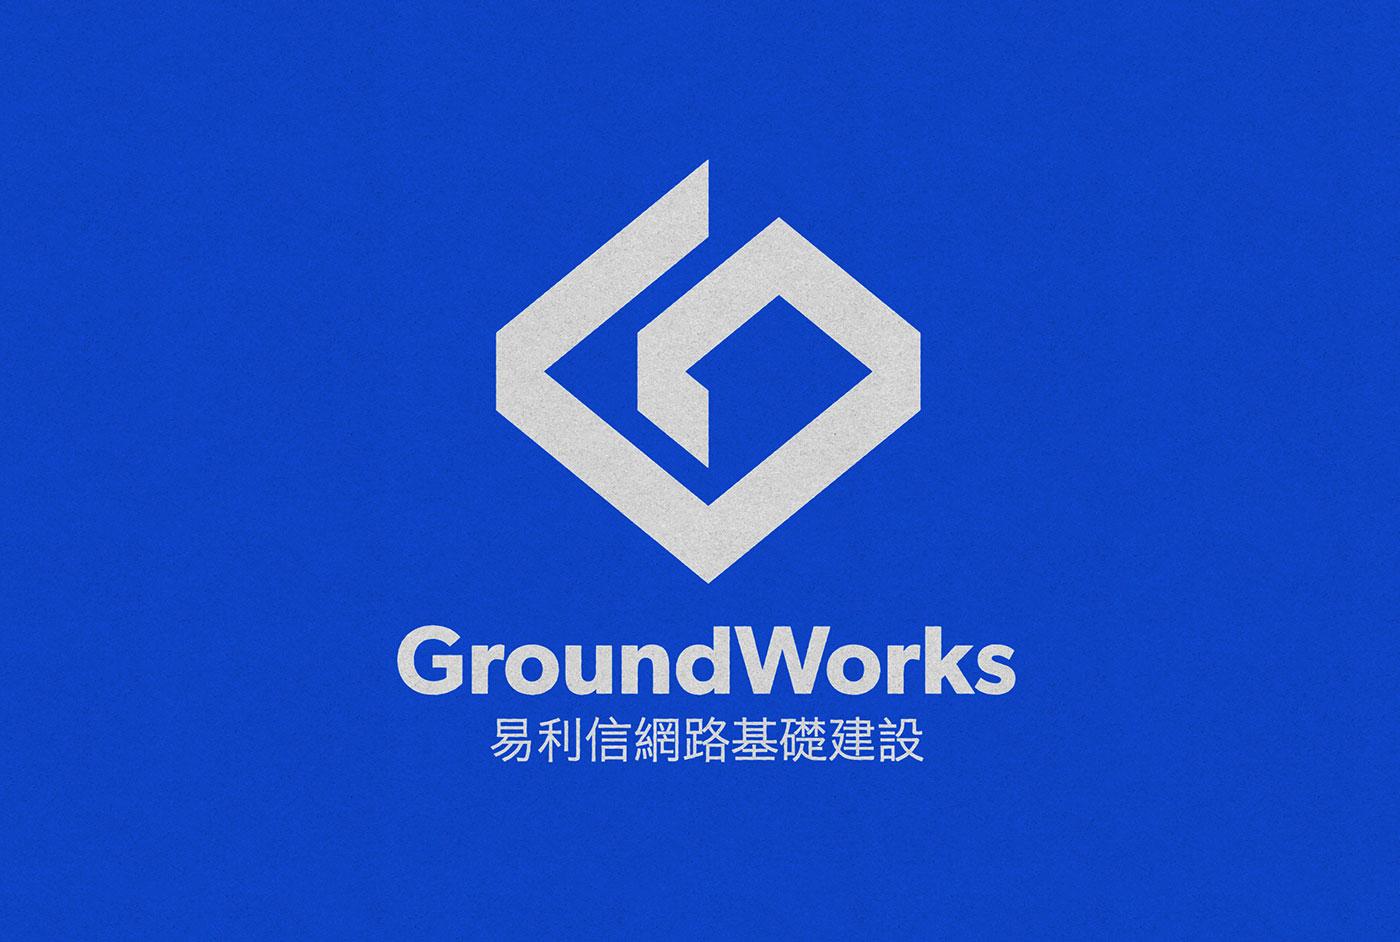 Public Marking GroundWorks Logo